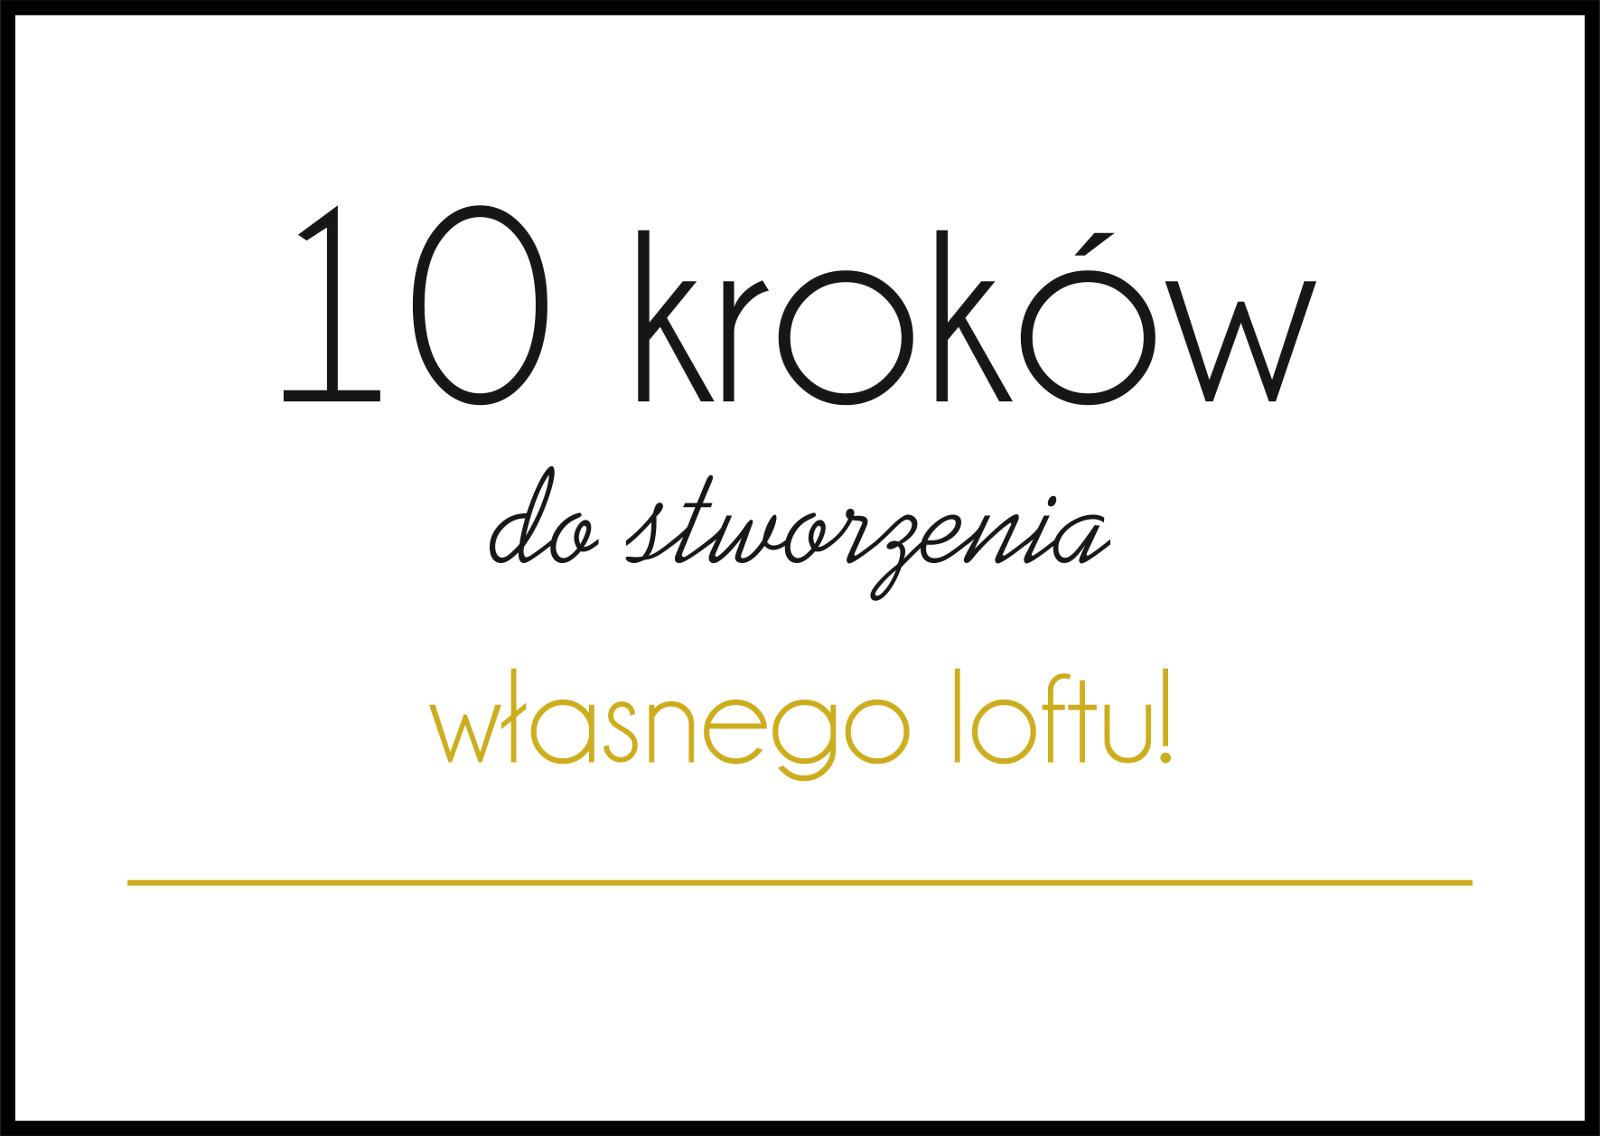 10kroków